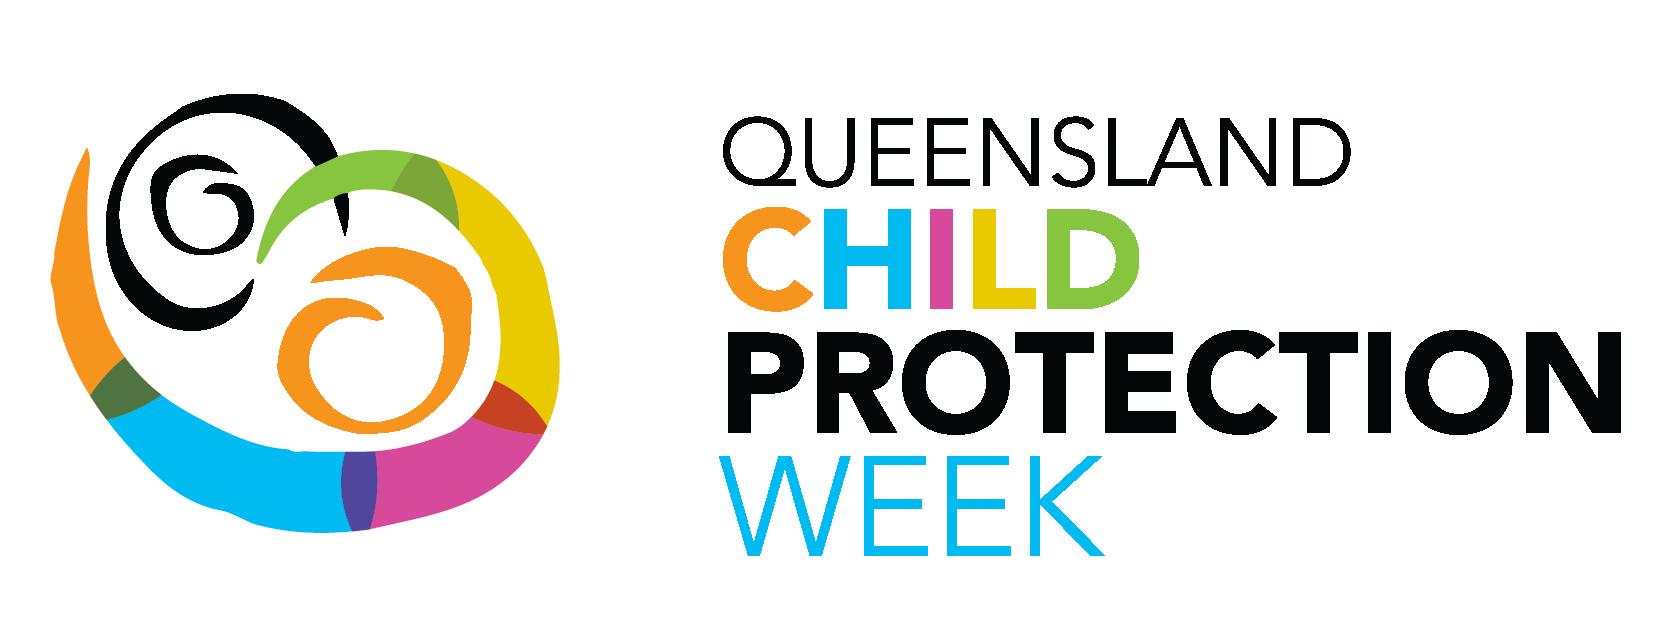 2013 QCPW Logo Files - Colour